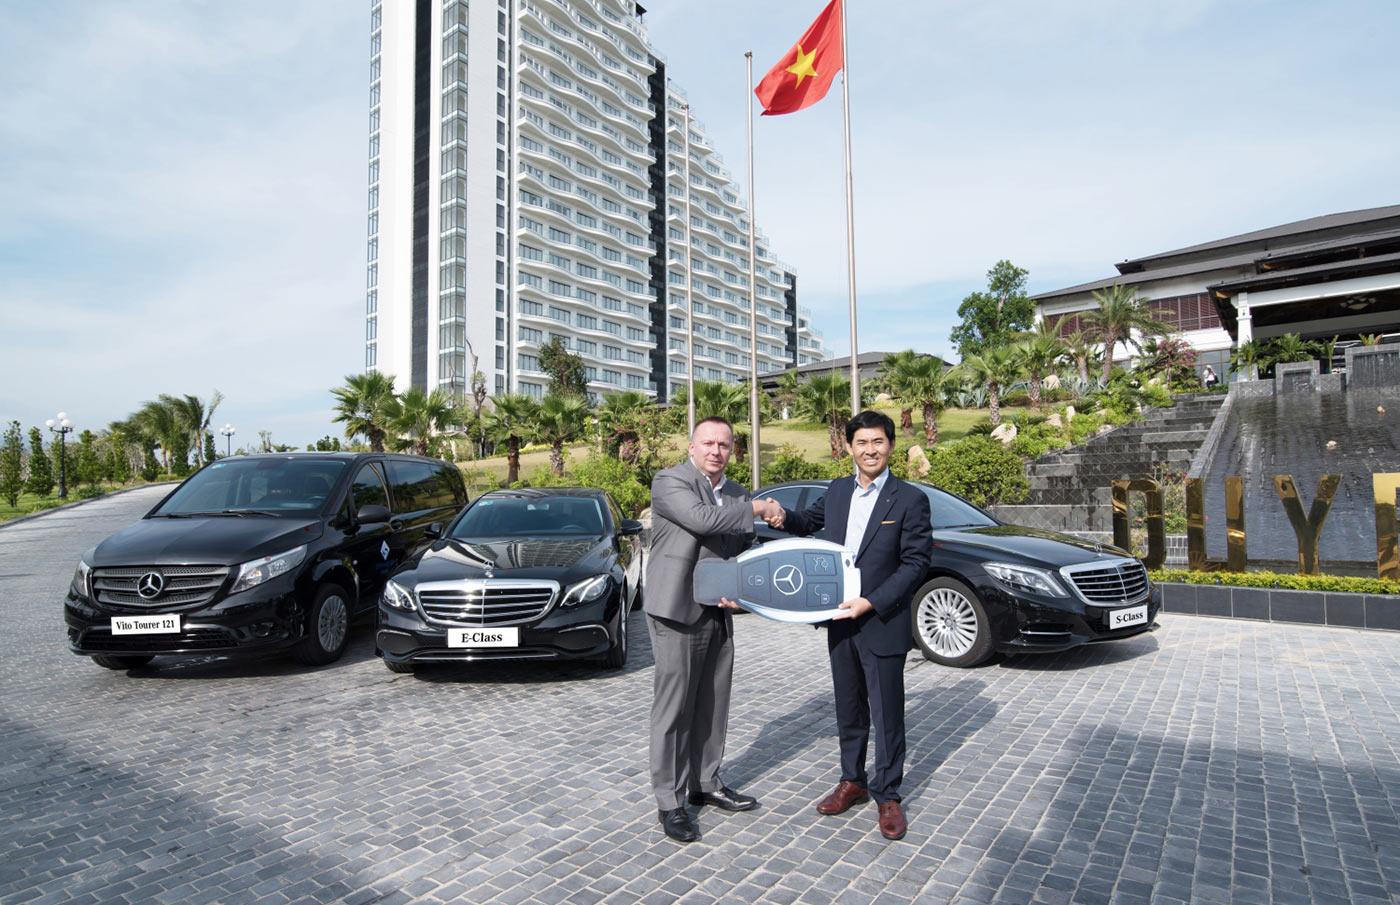 Mercedes-Benz Việt Nam bàn giao 16 xe cho khu nghỉ dưỡng Duyên Hà Resort Cam Ranh - ảnh 1